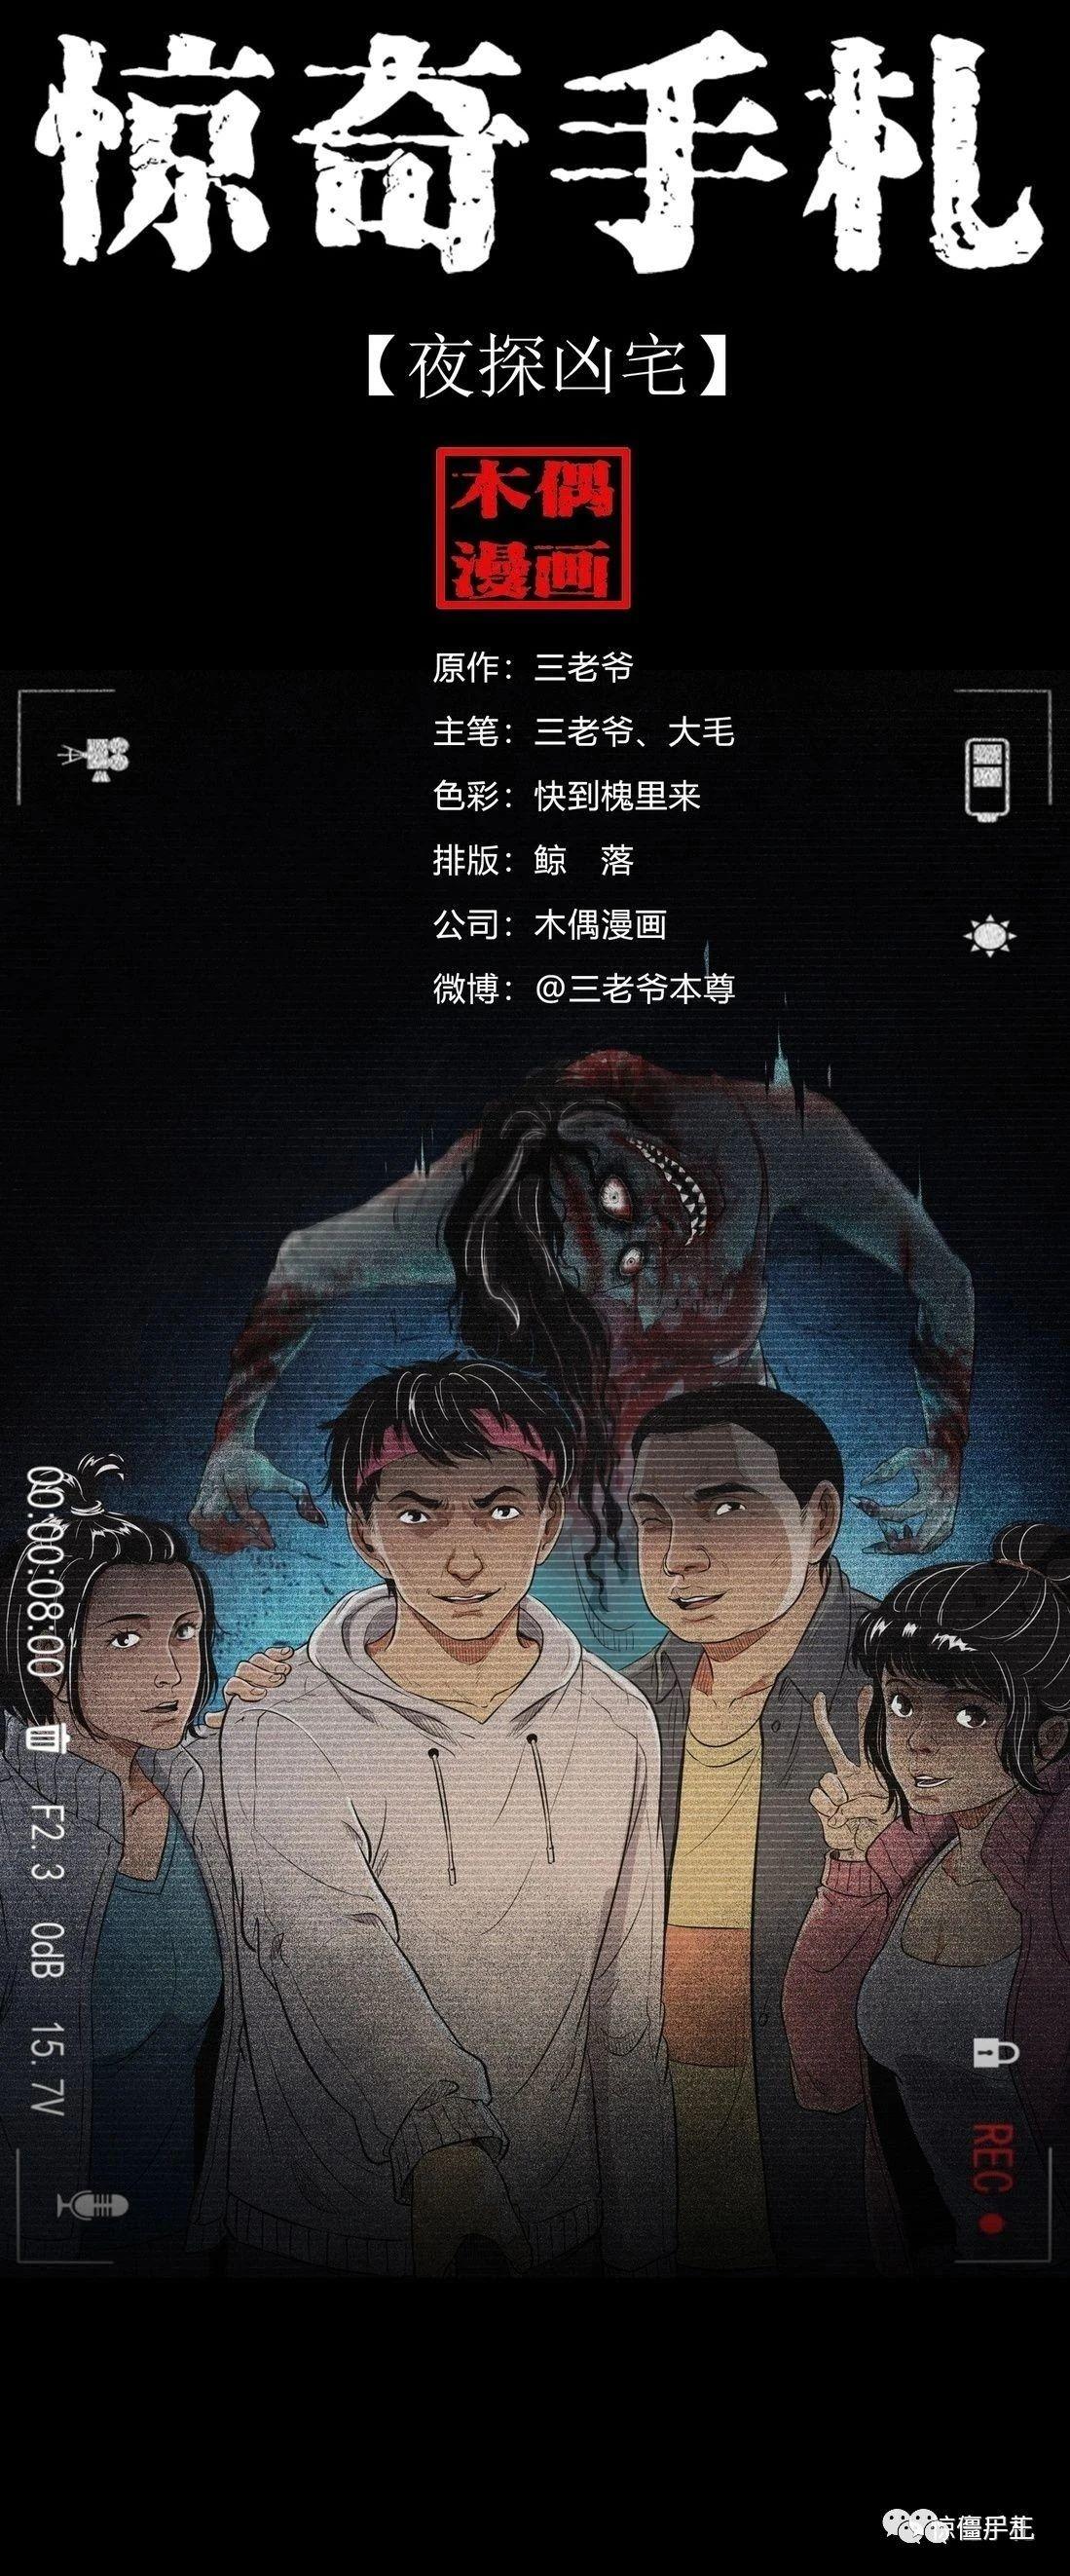 僵尸王漫画:惊奇手札之夜探凶宅